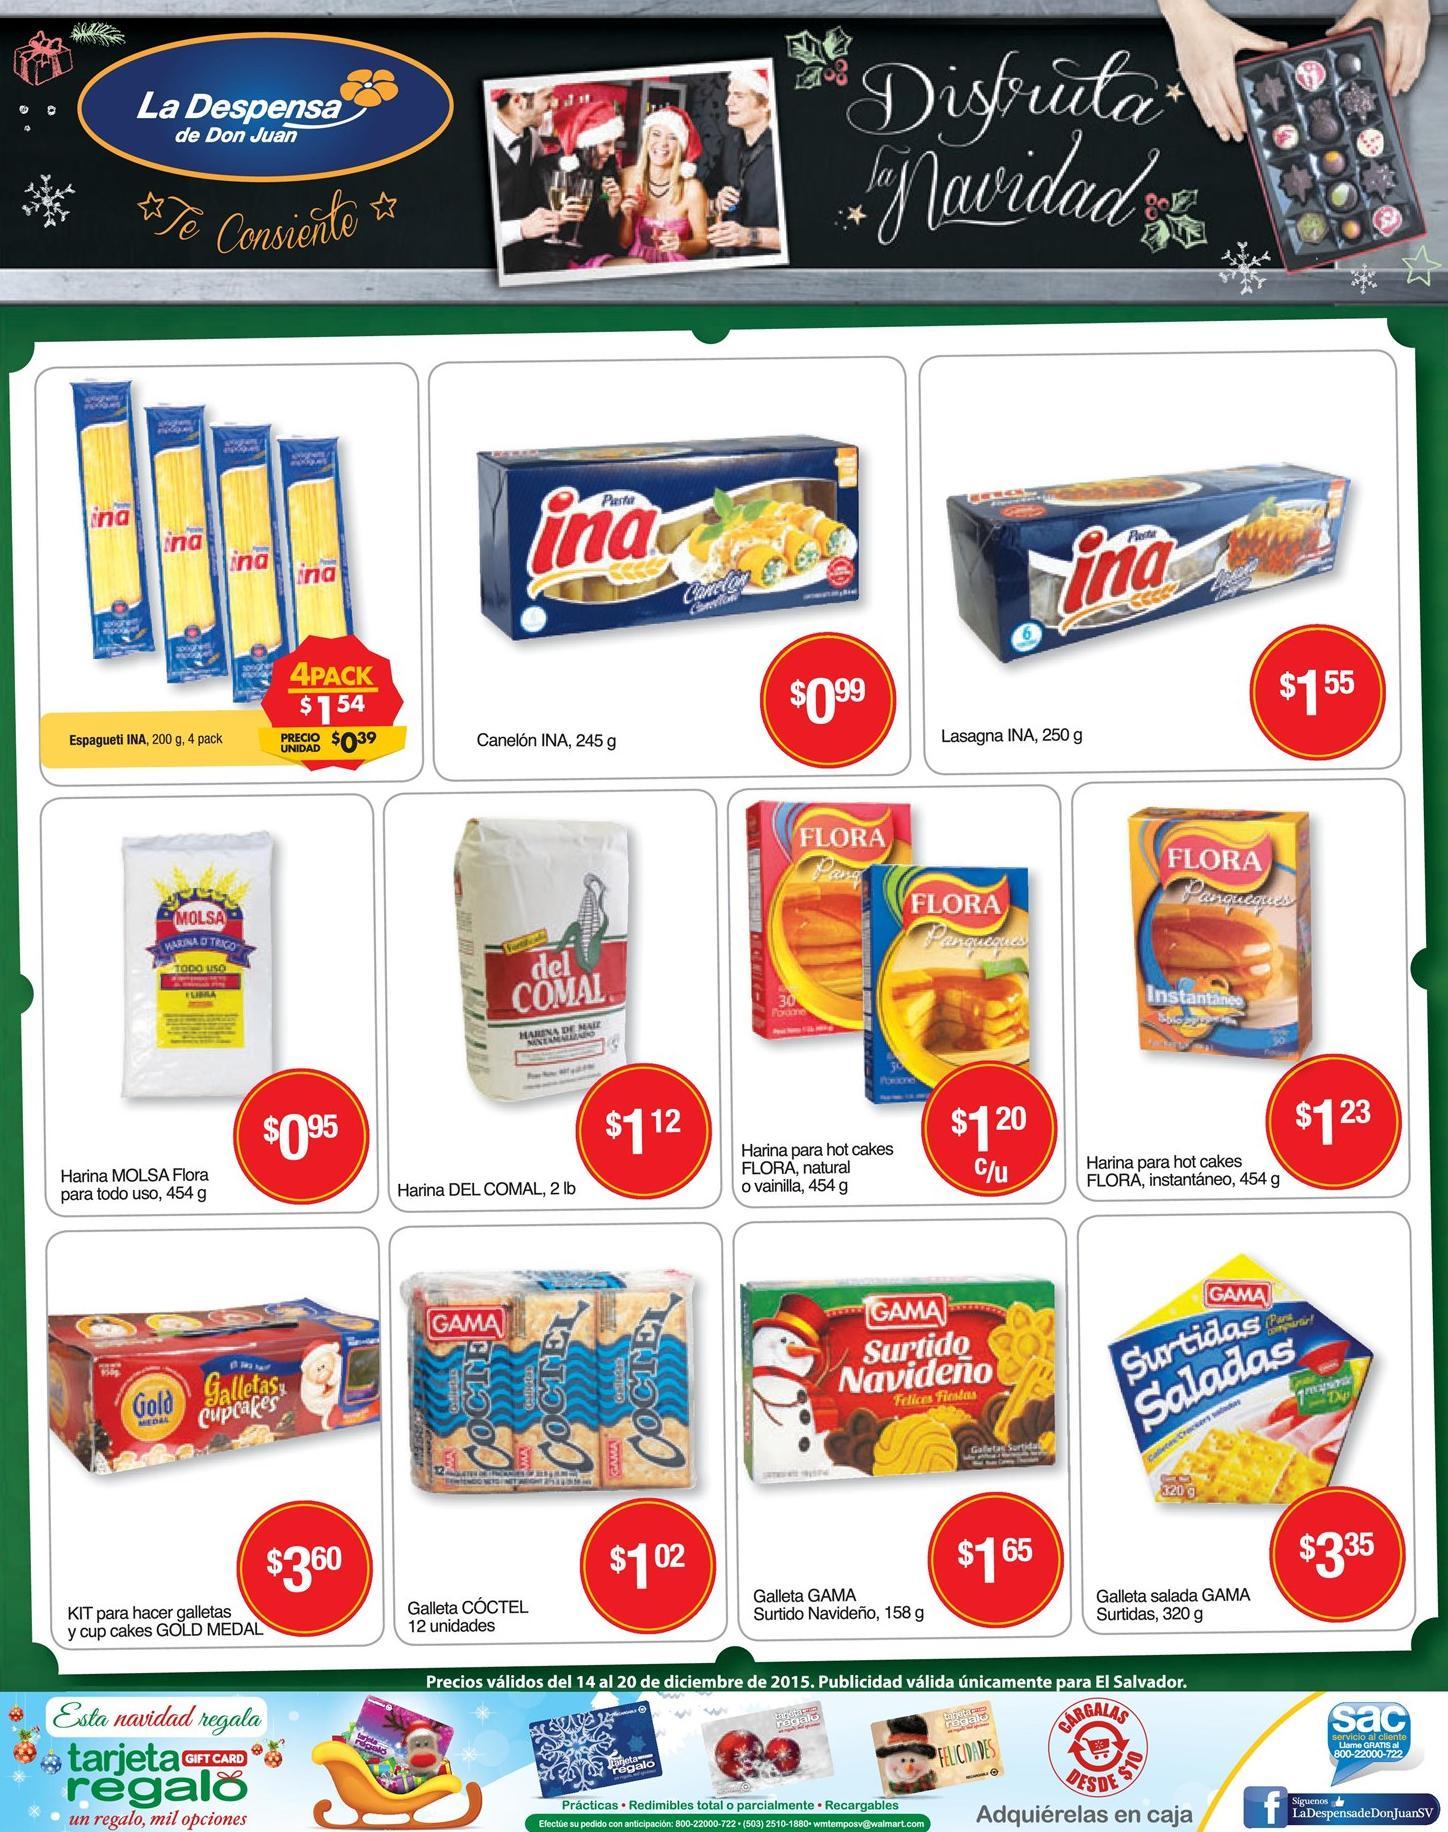 Semana de ofertas navideñas la despensa - 14dic15